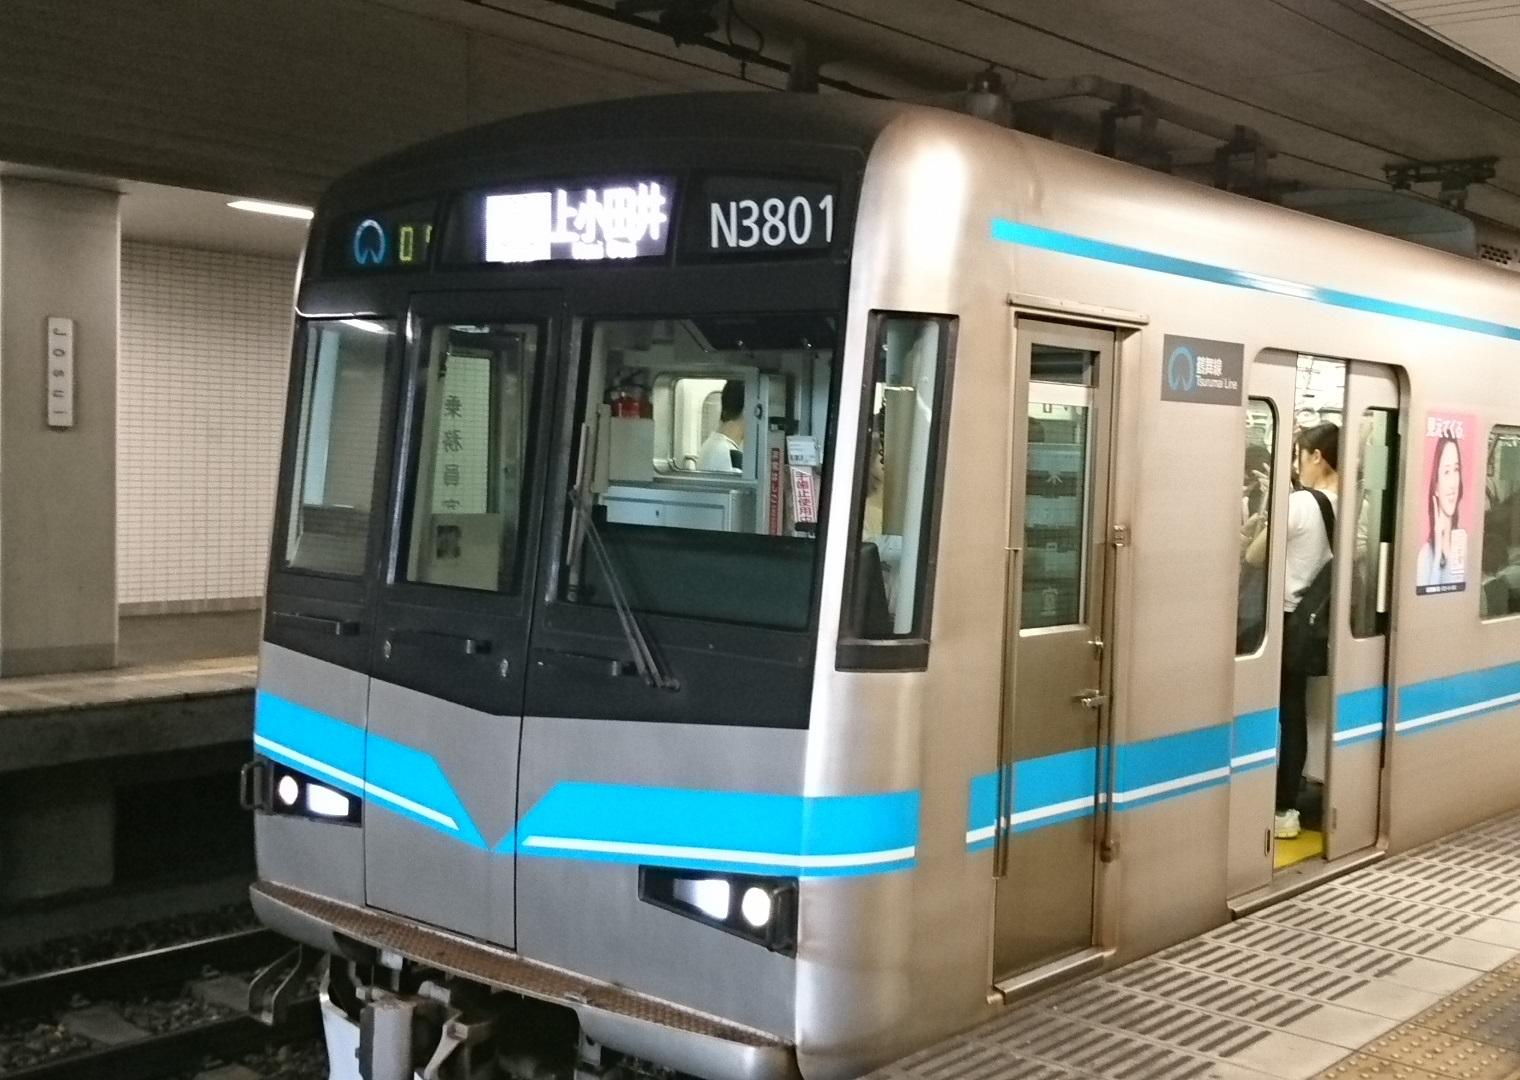 2017.10.3 豊田線 (18) 浄水 - 上小田井いきふつう 1520-1080